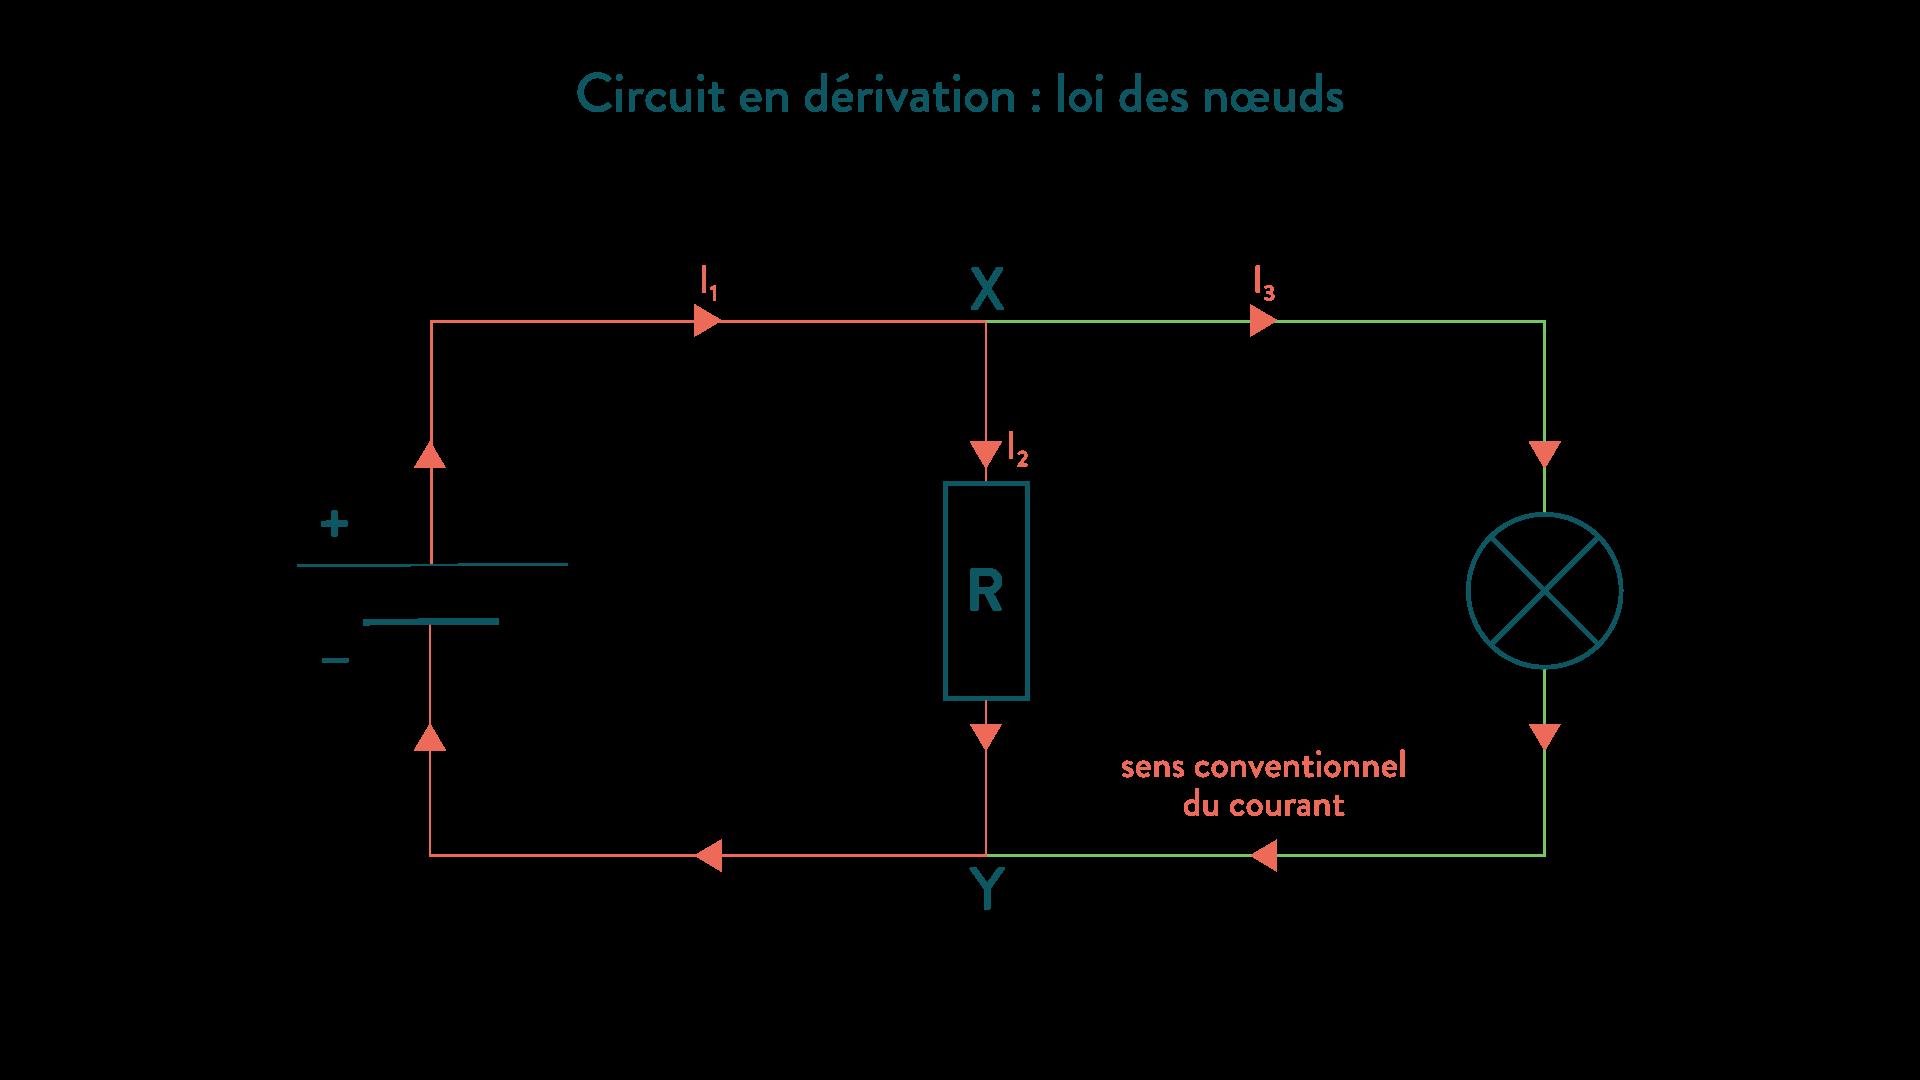 loi des nœuds, circuit en dérivation